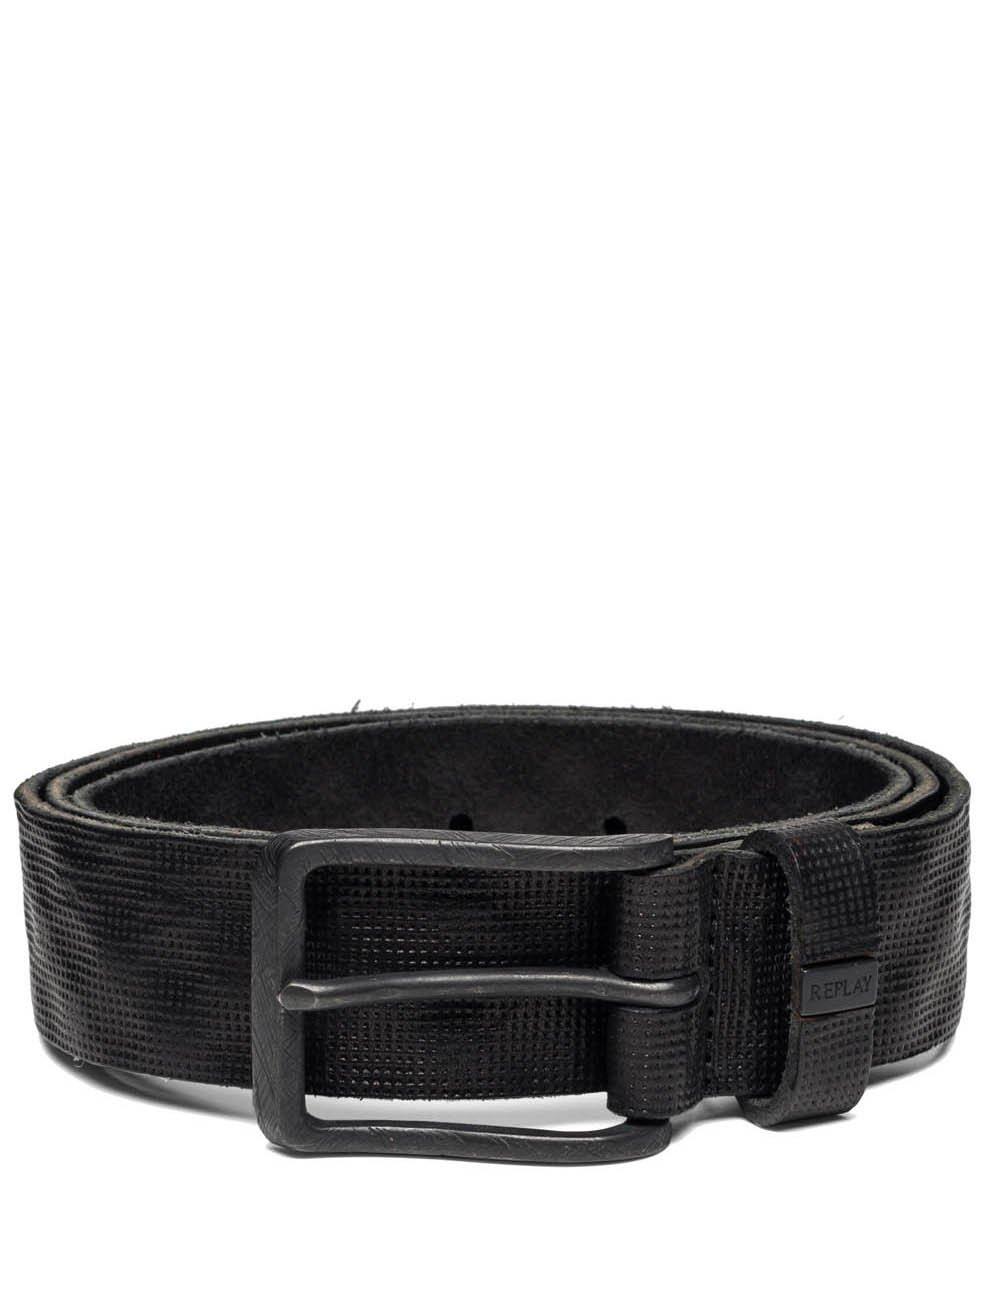 Replay Men's Men's Vintage Leather Black Belt in Size 105 Black